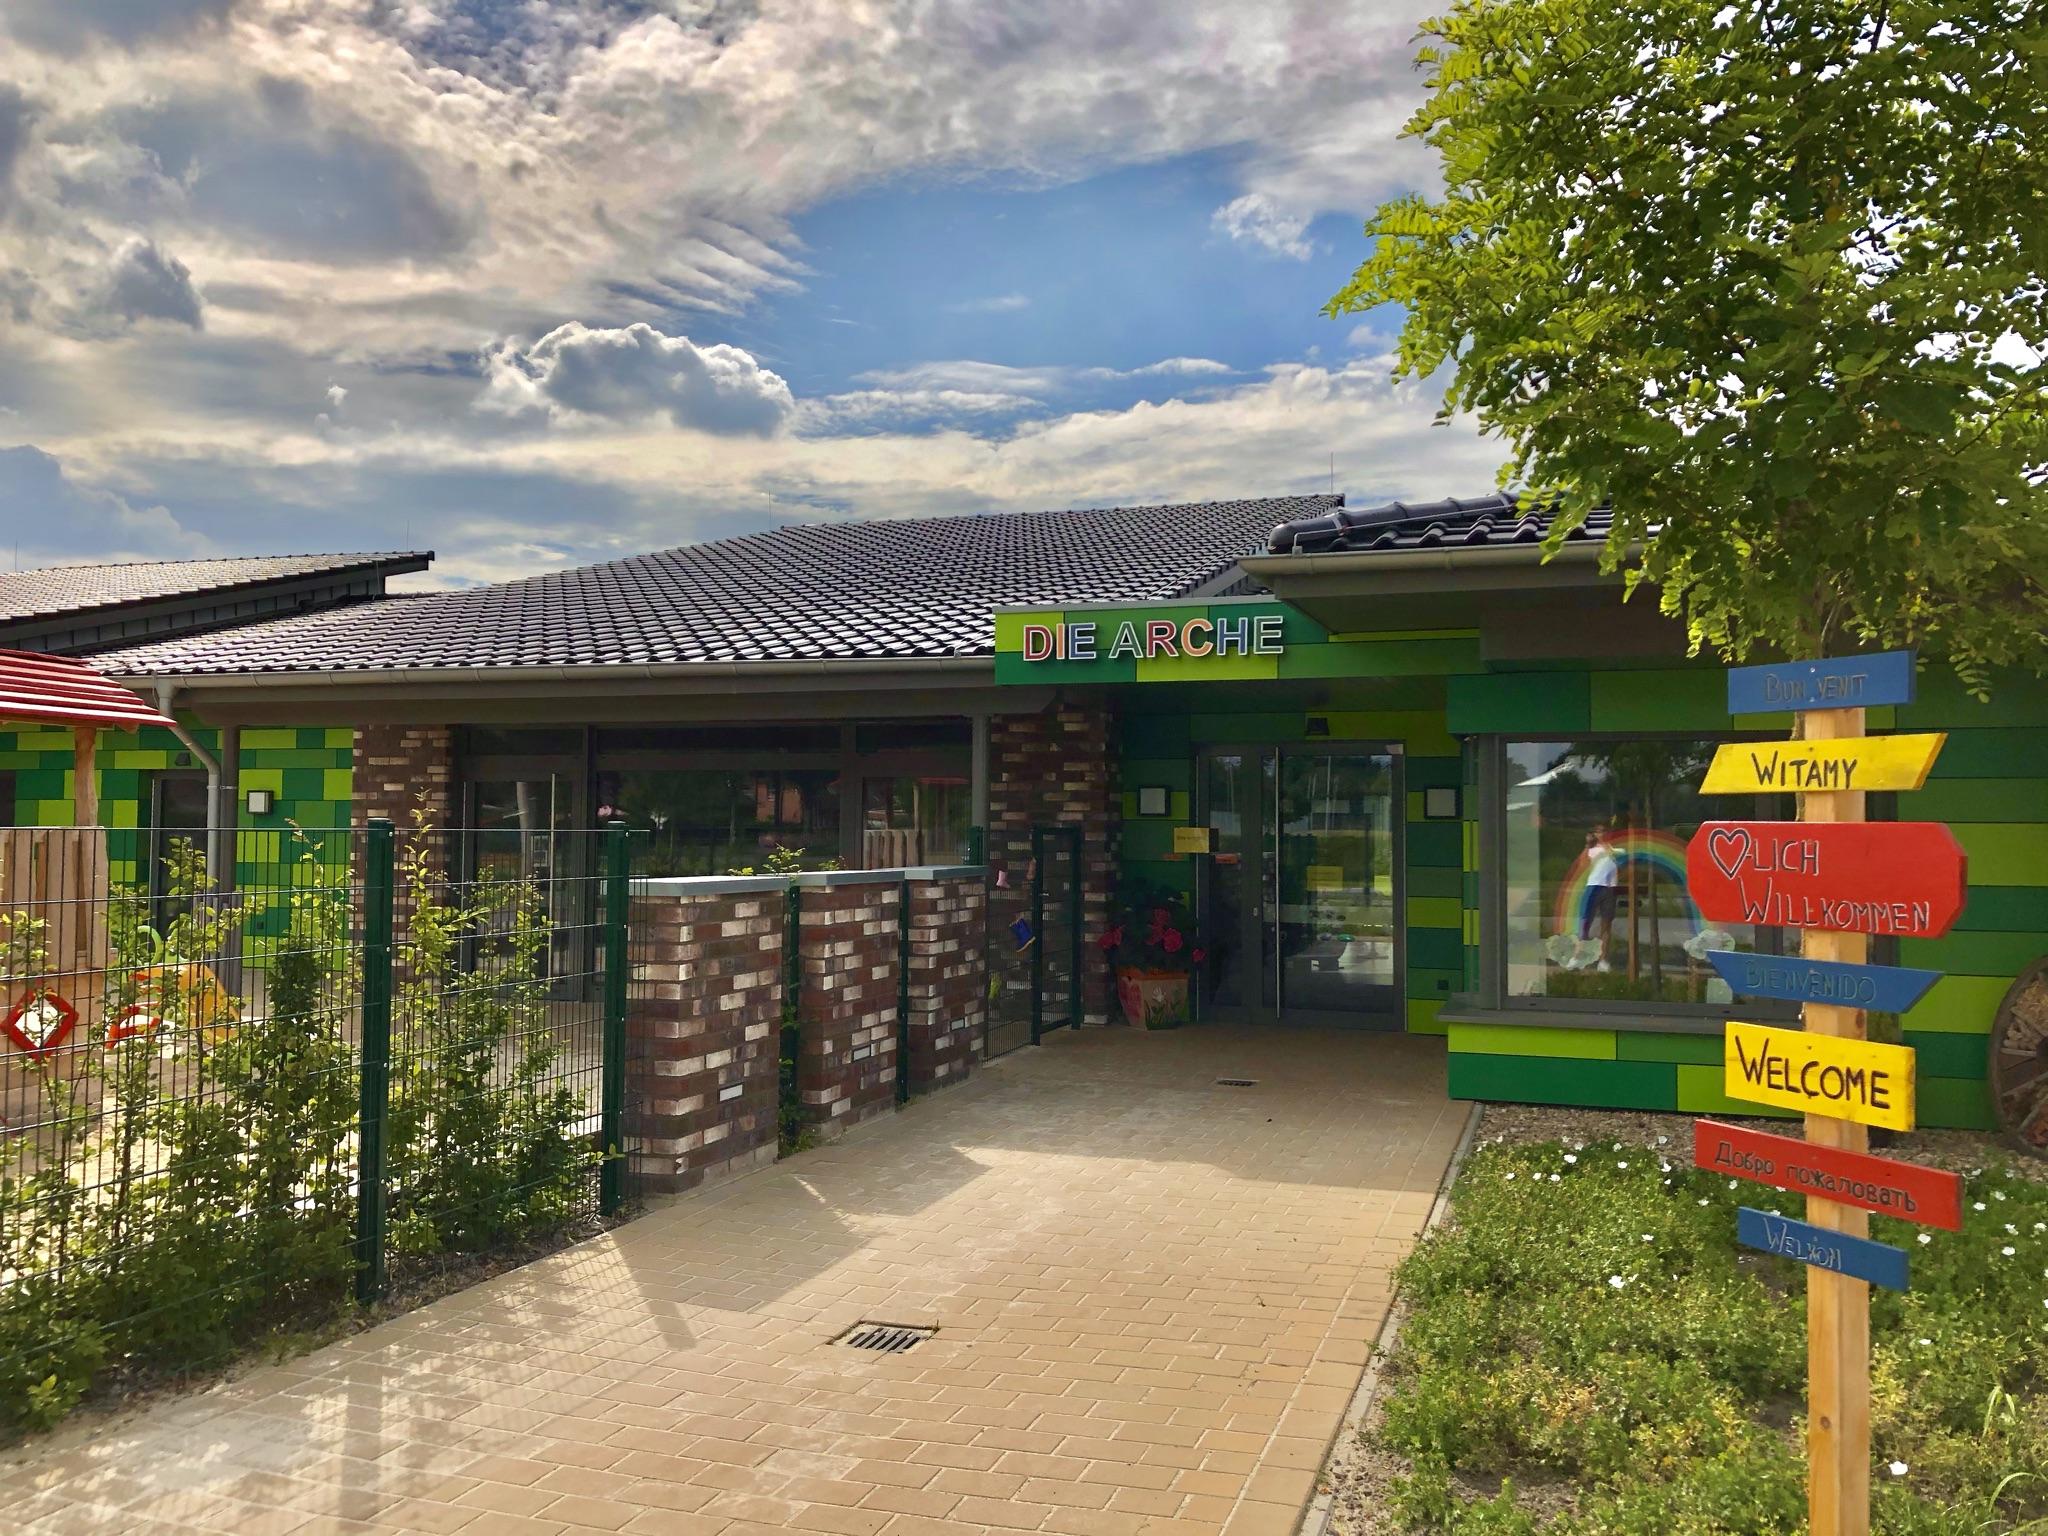 Kindergarten Die Arche in Molbergen